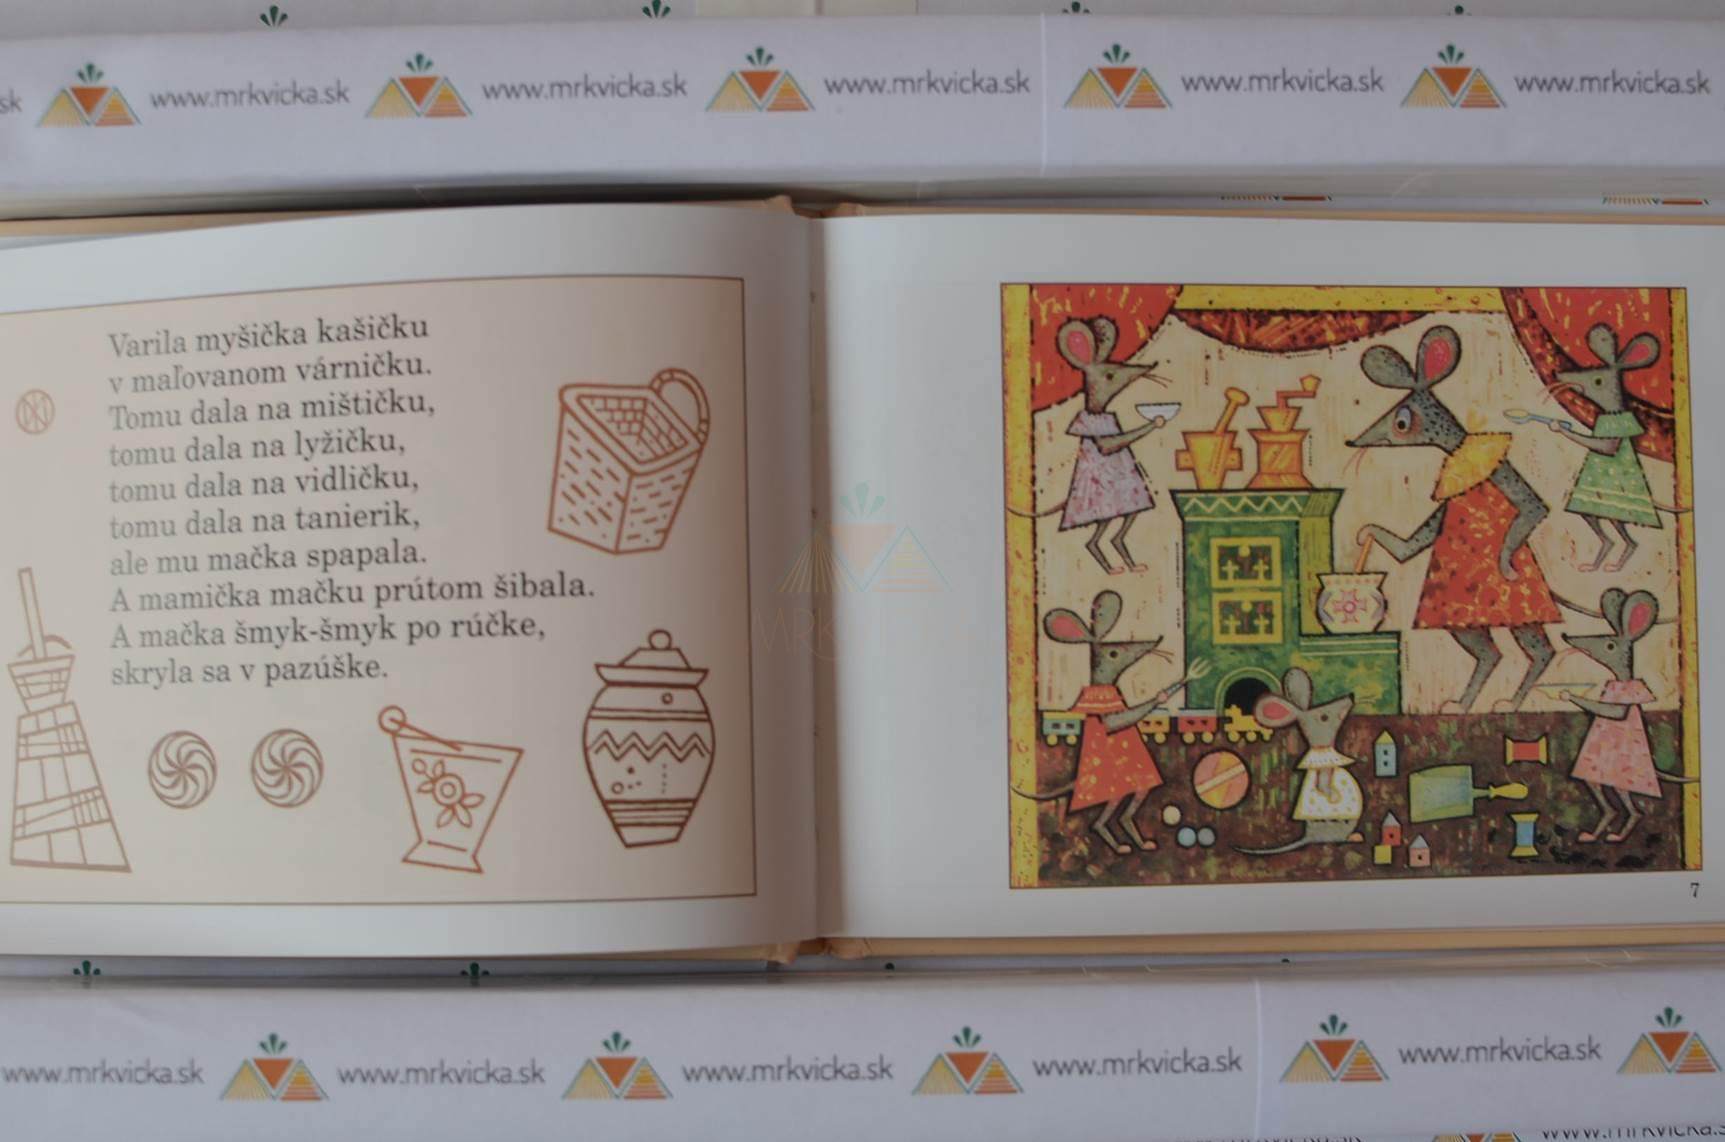 Varila myšička kašičku - ilustroval Ľudovit Fulla